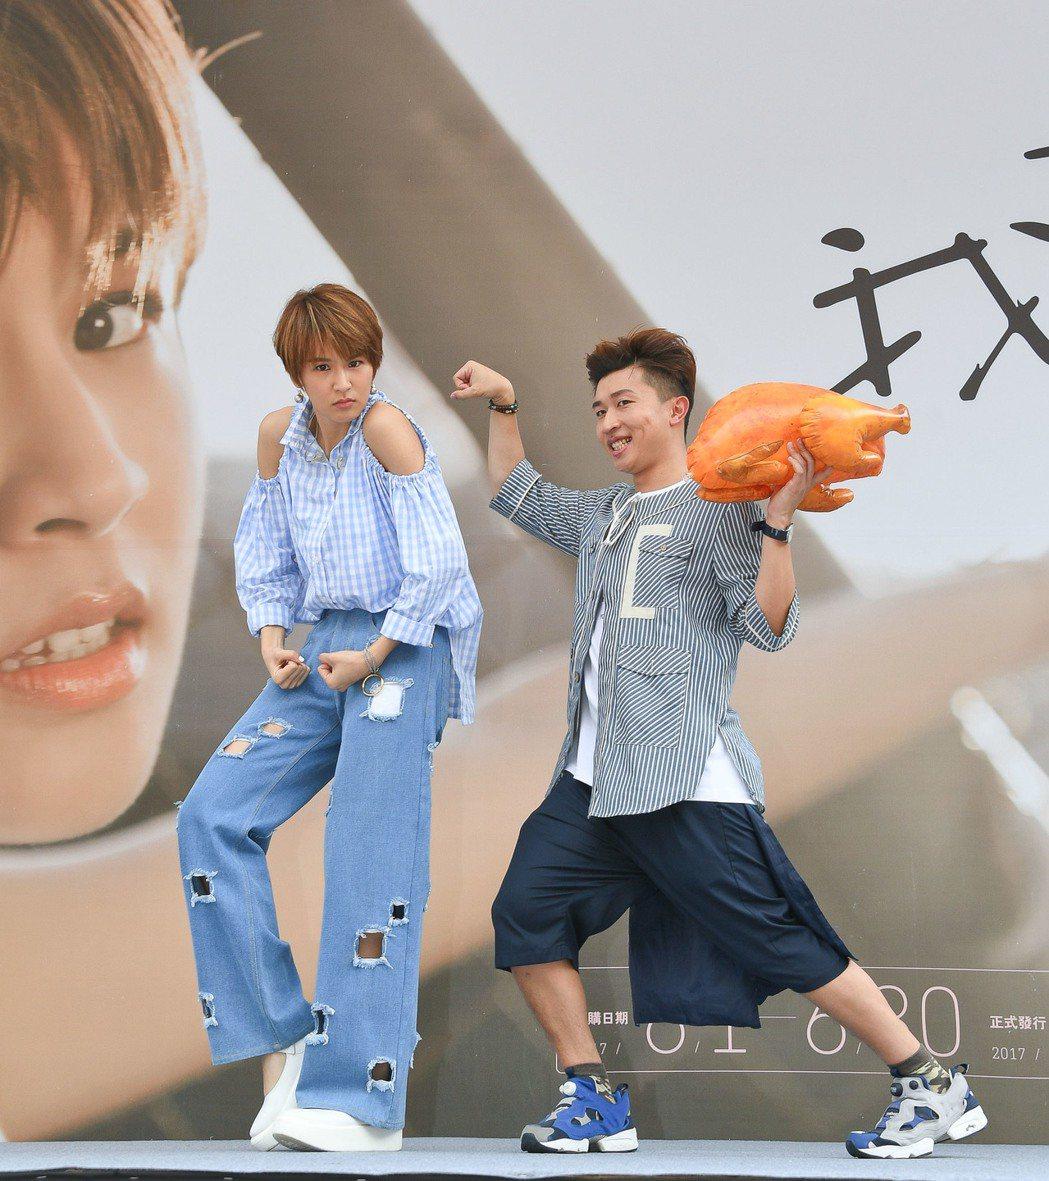 曾沛慈(左)辦預購簽唱會,張立東送烤雞。圖/福茂提供